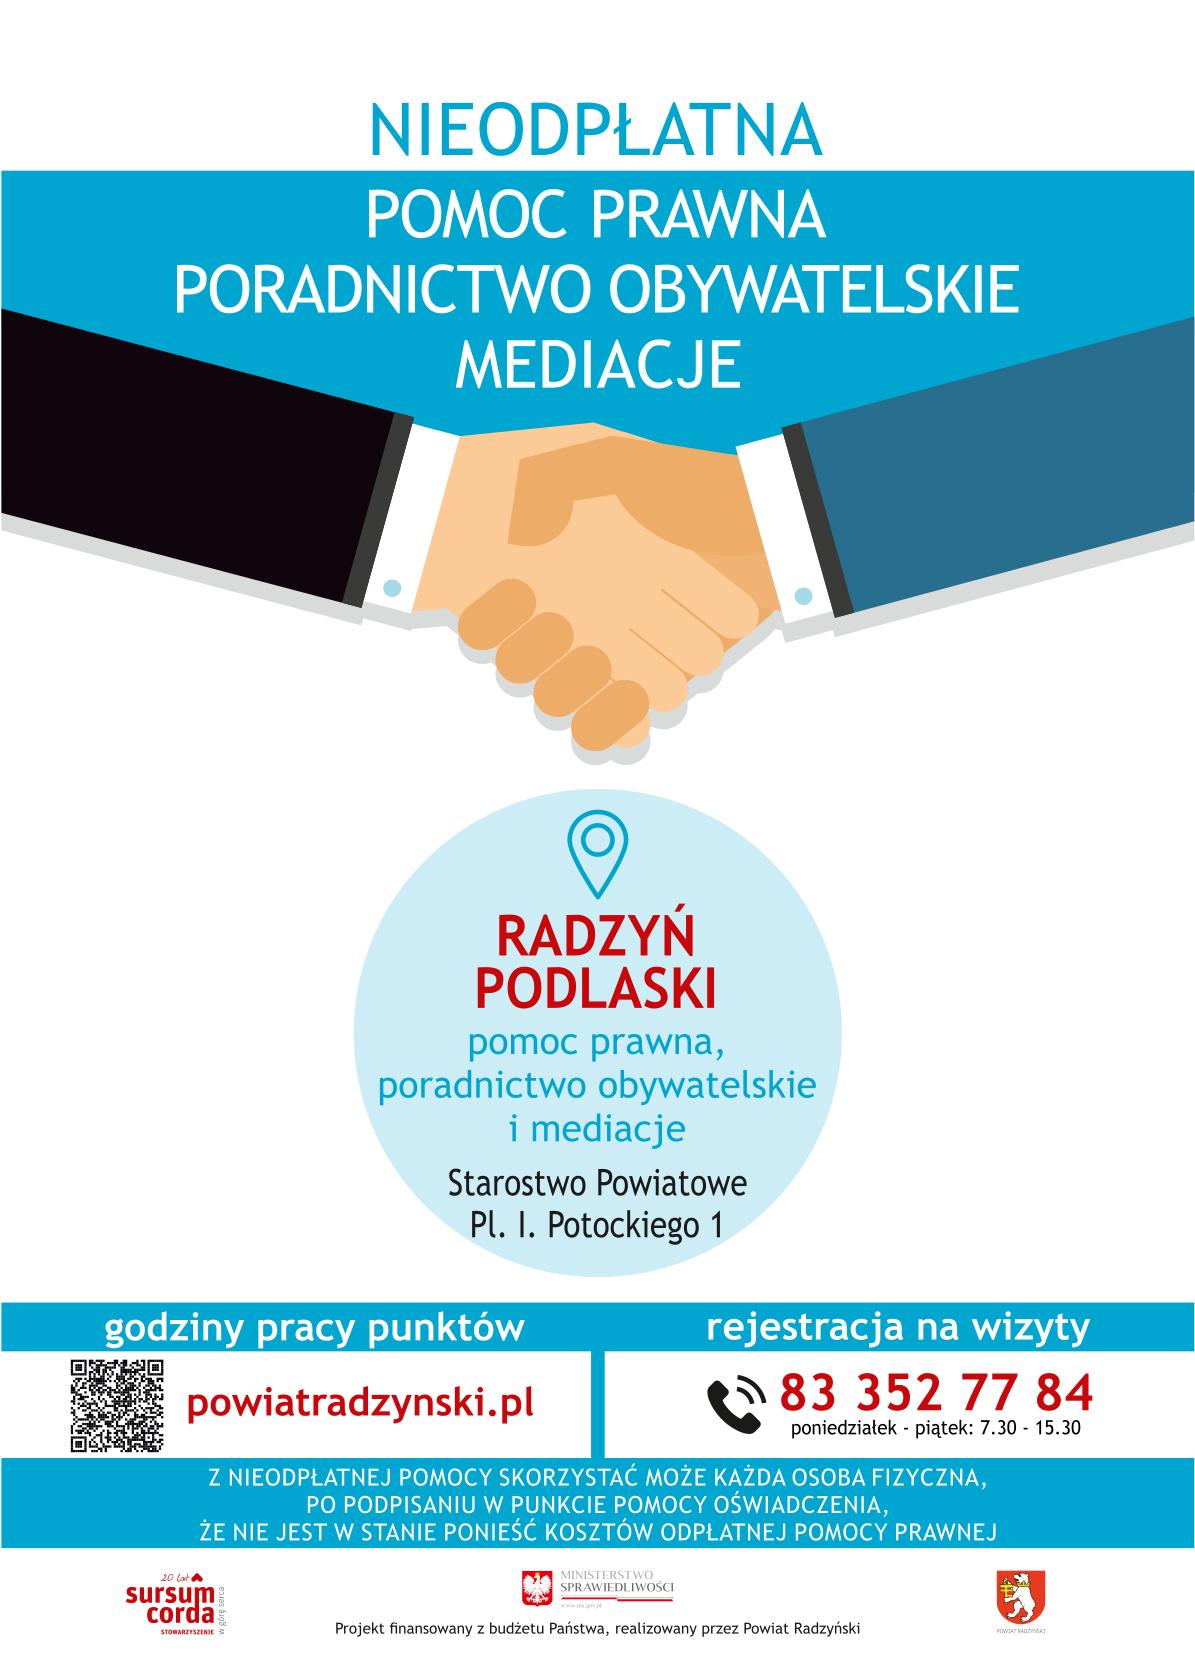 npp_2020_pow_radzynski